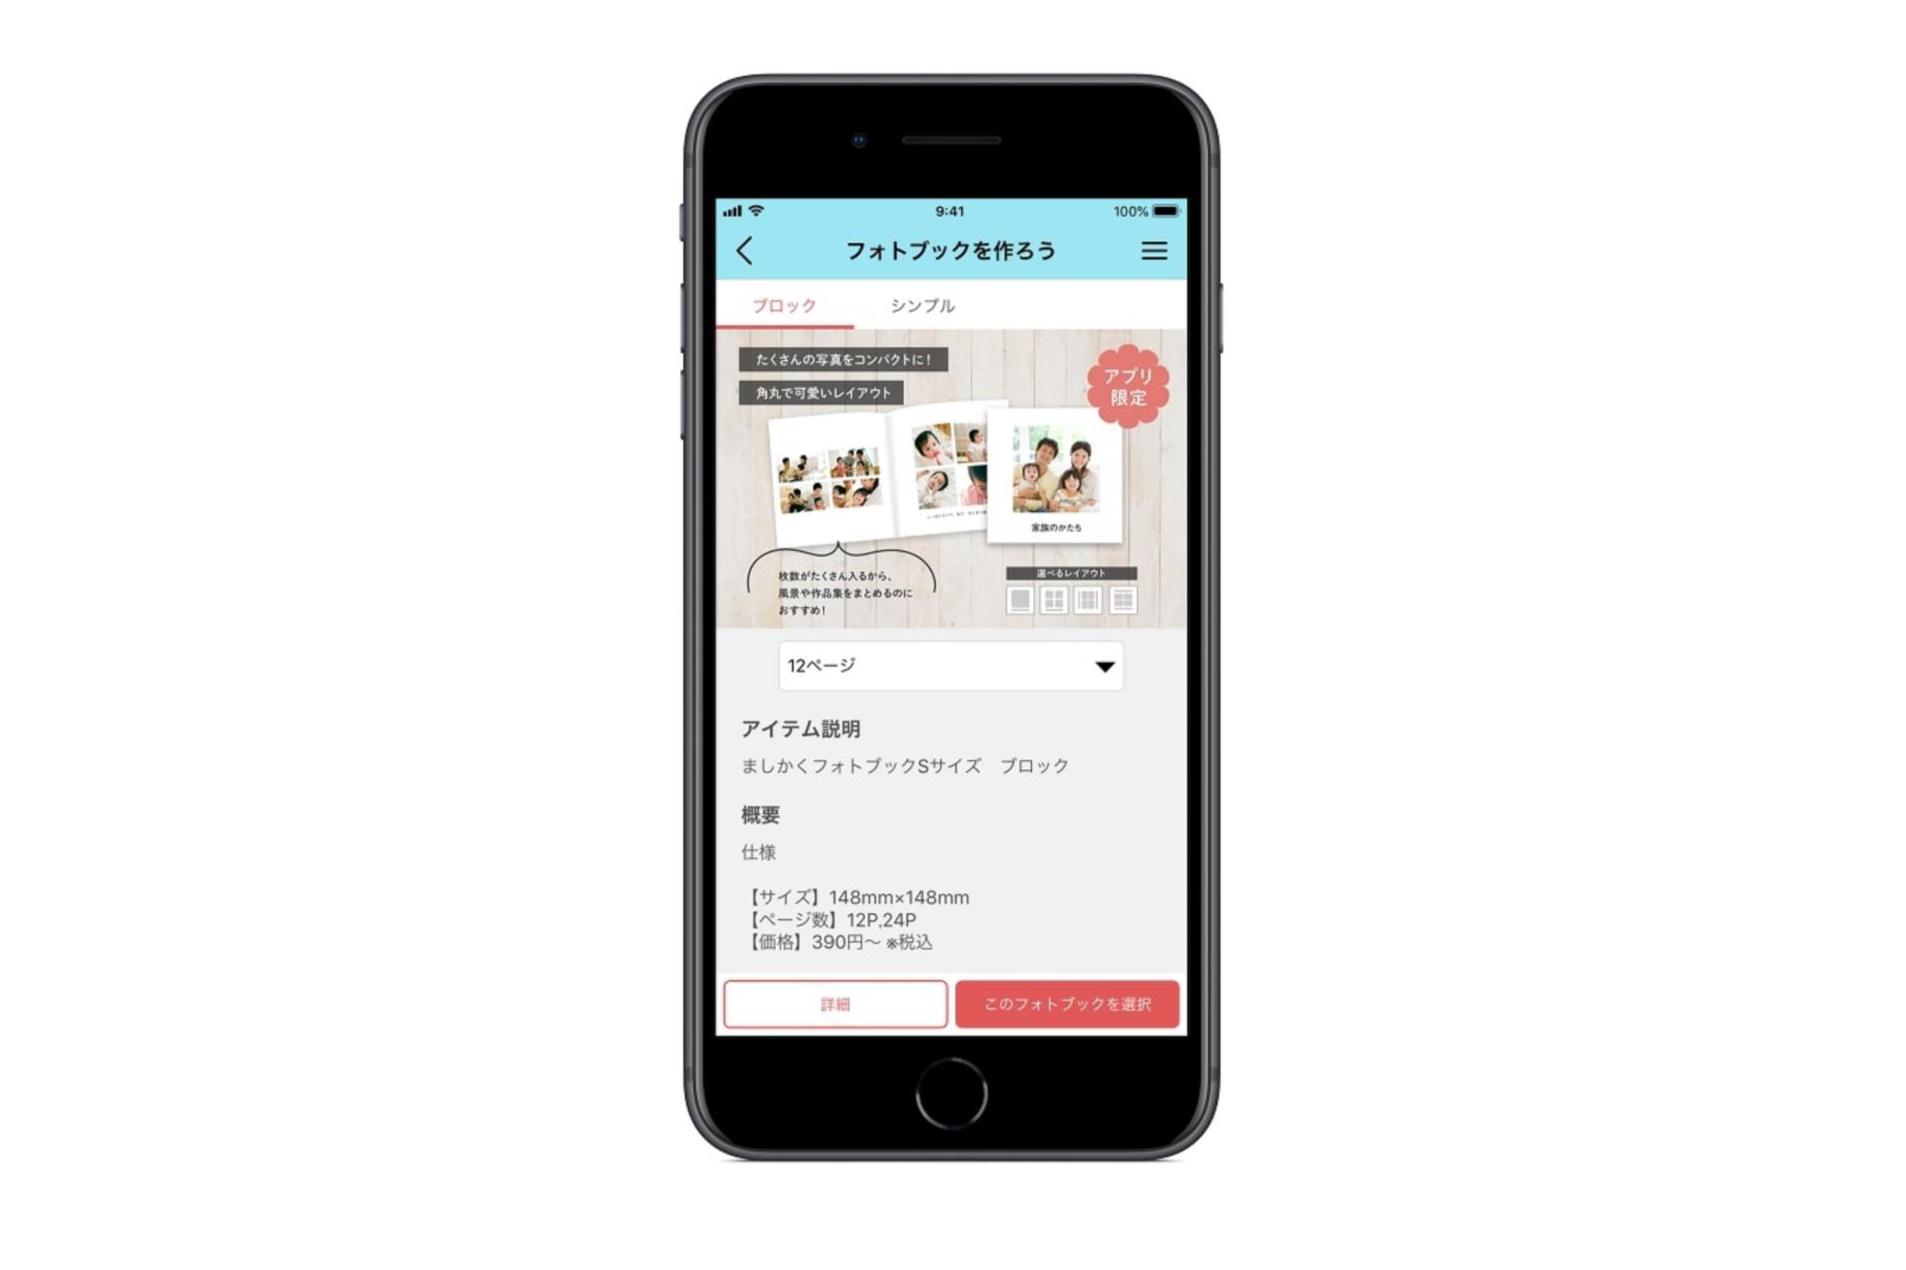 dnp フォト イメージング ジャパン